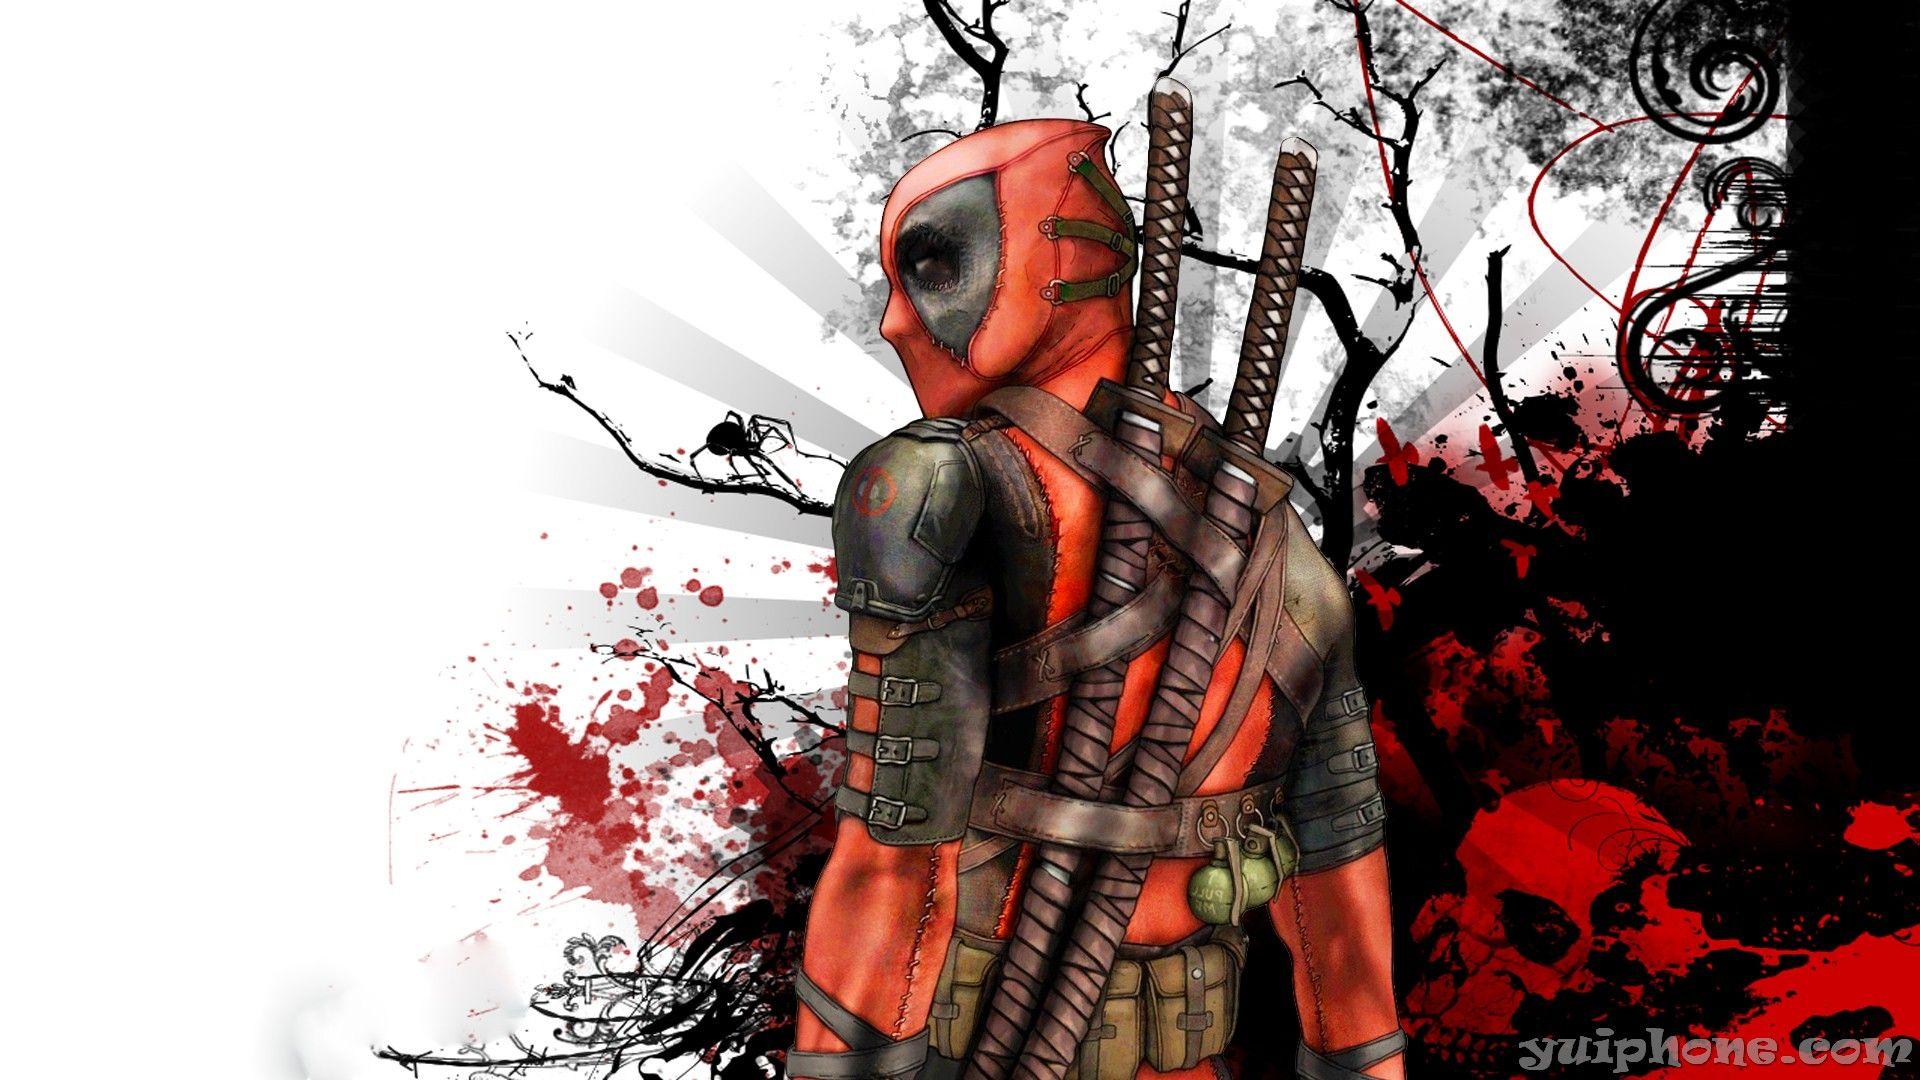 Deadpool Vs Deathstroke Deadpool Wallpaper Deadpool Wallpaper Desktop Deadpool Hd Wallpaper